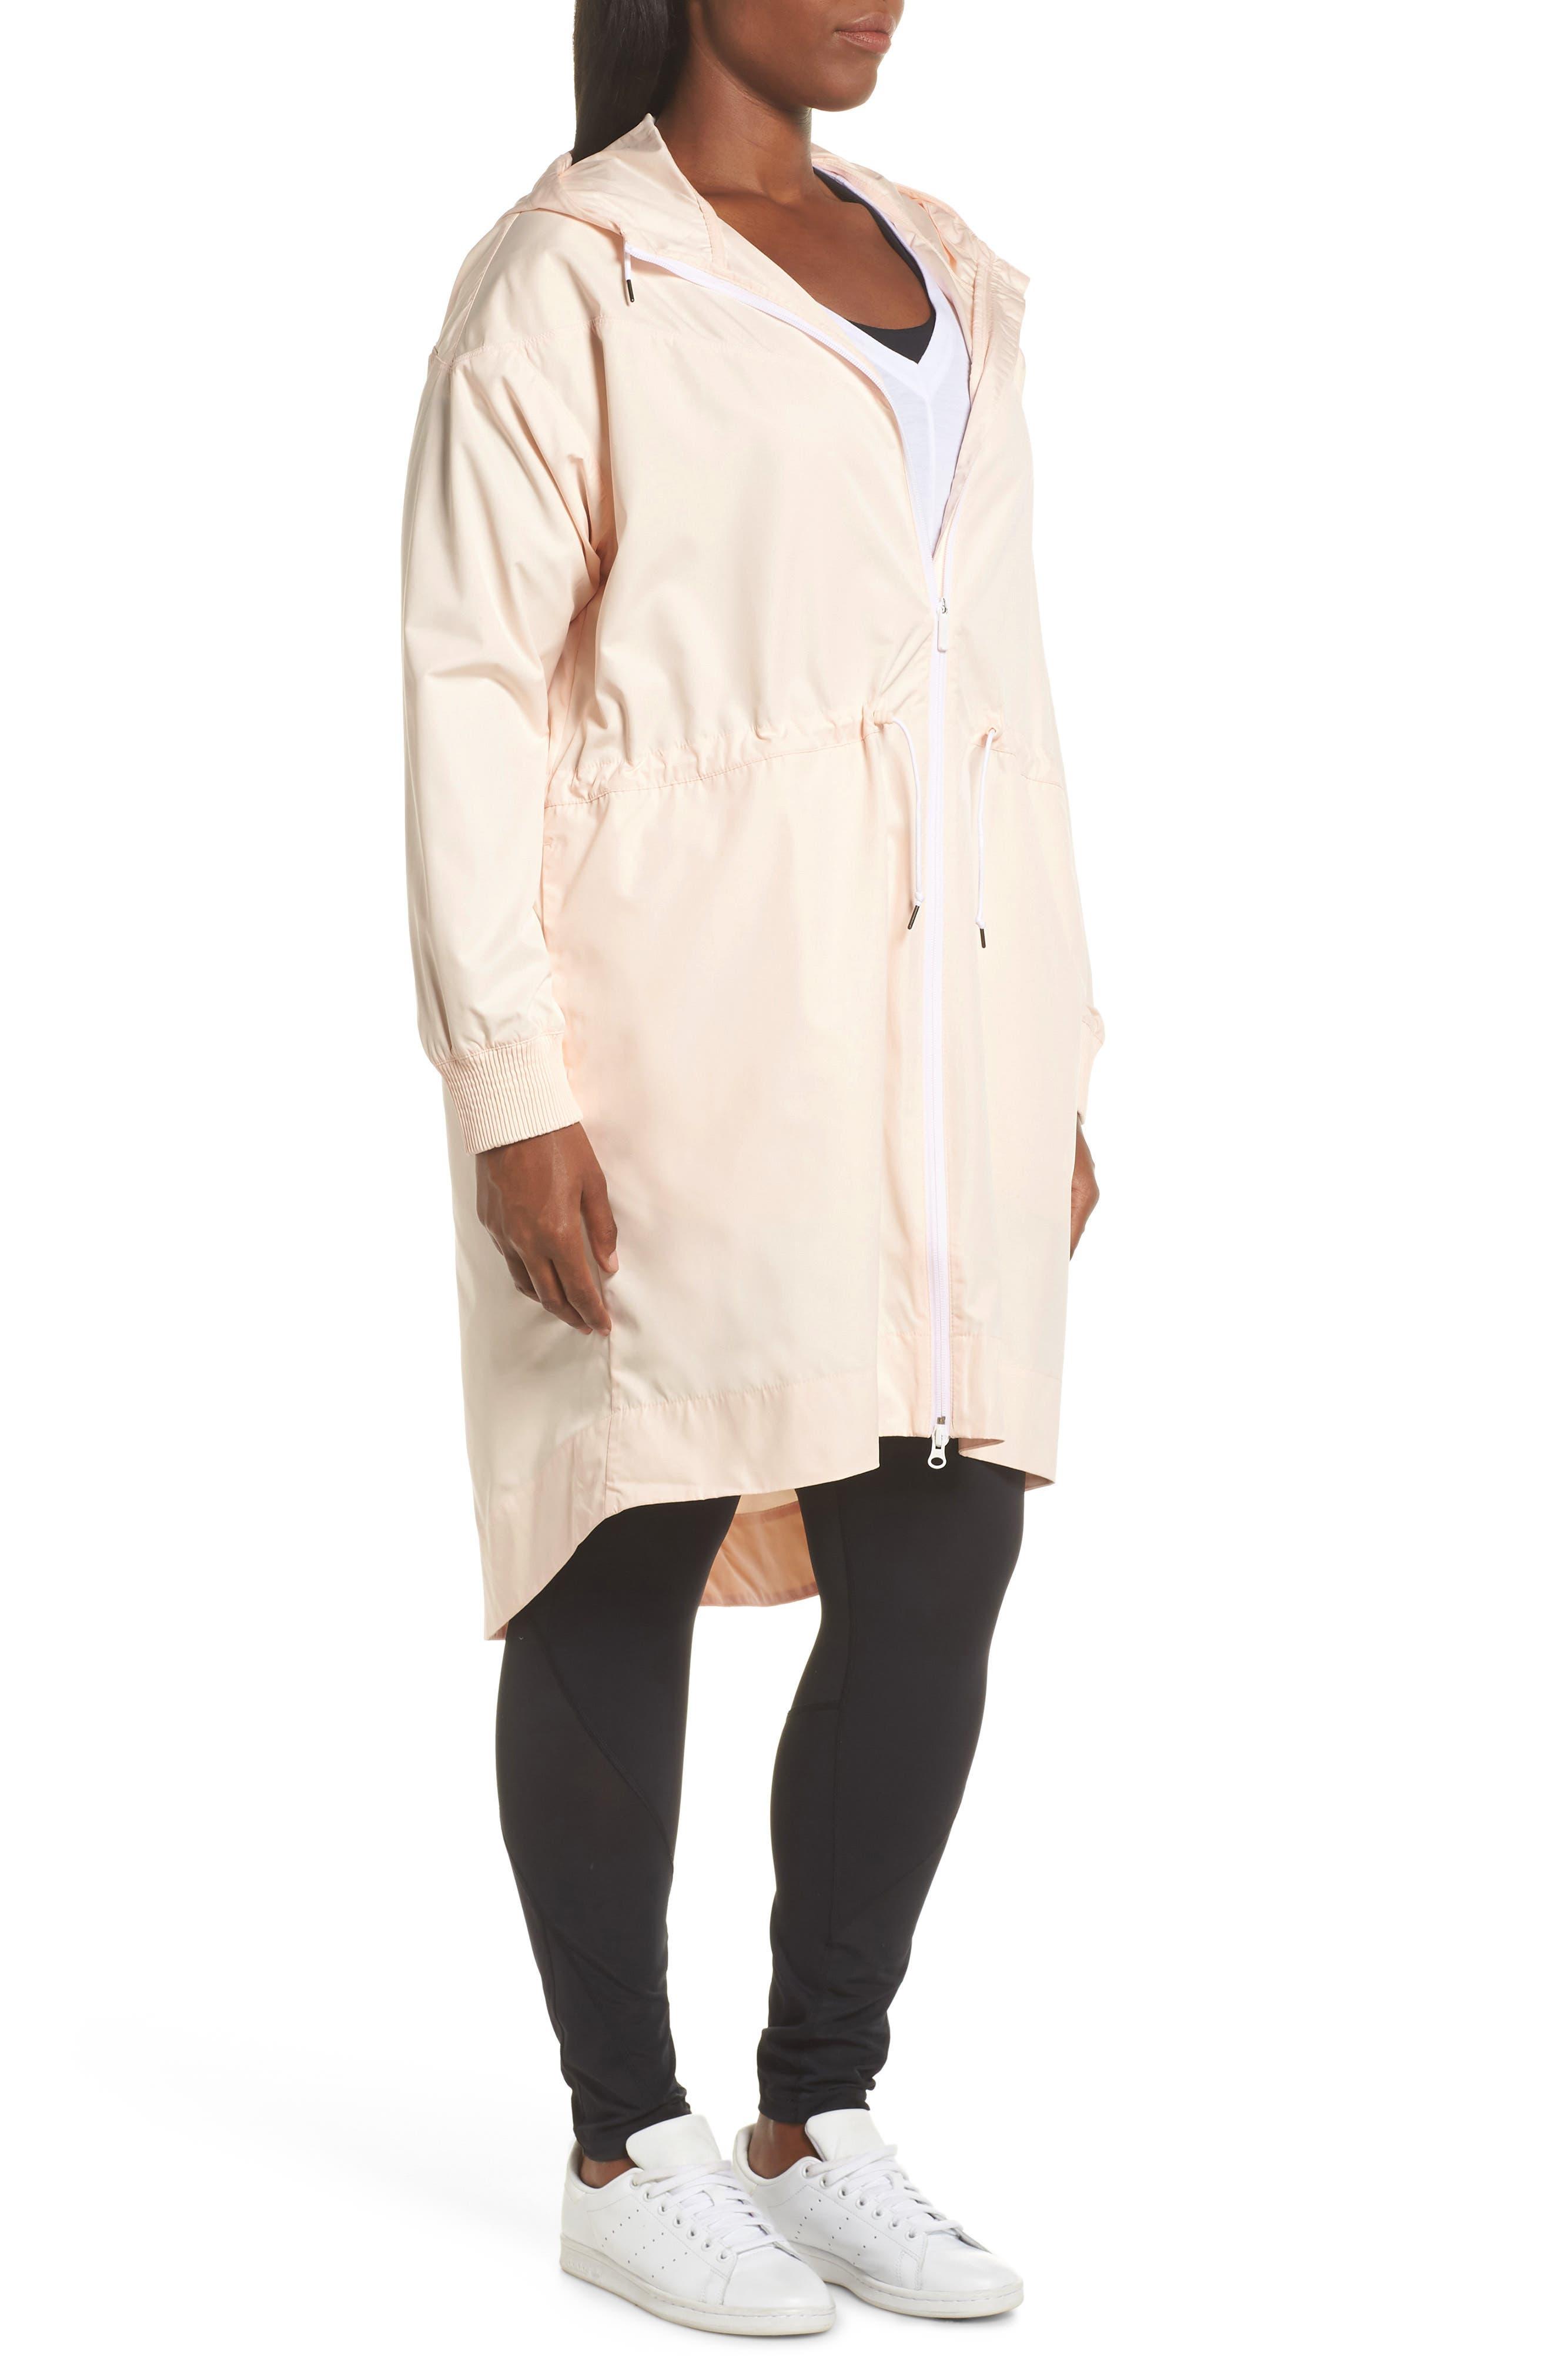 Sportswear Windrunner Jacket,                             Alternate thumbnail 10, color,                             650